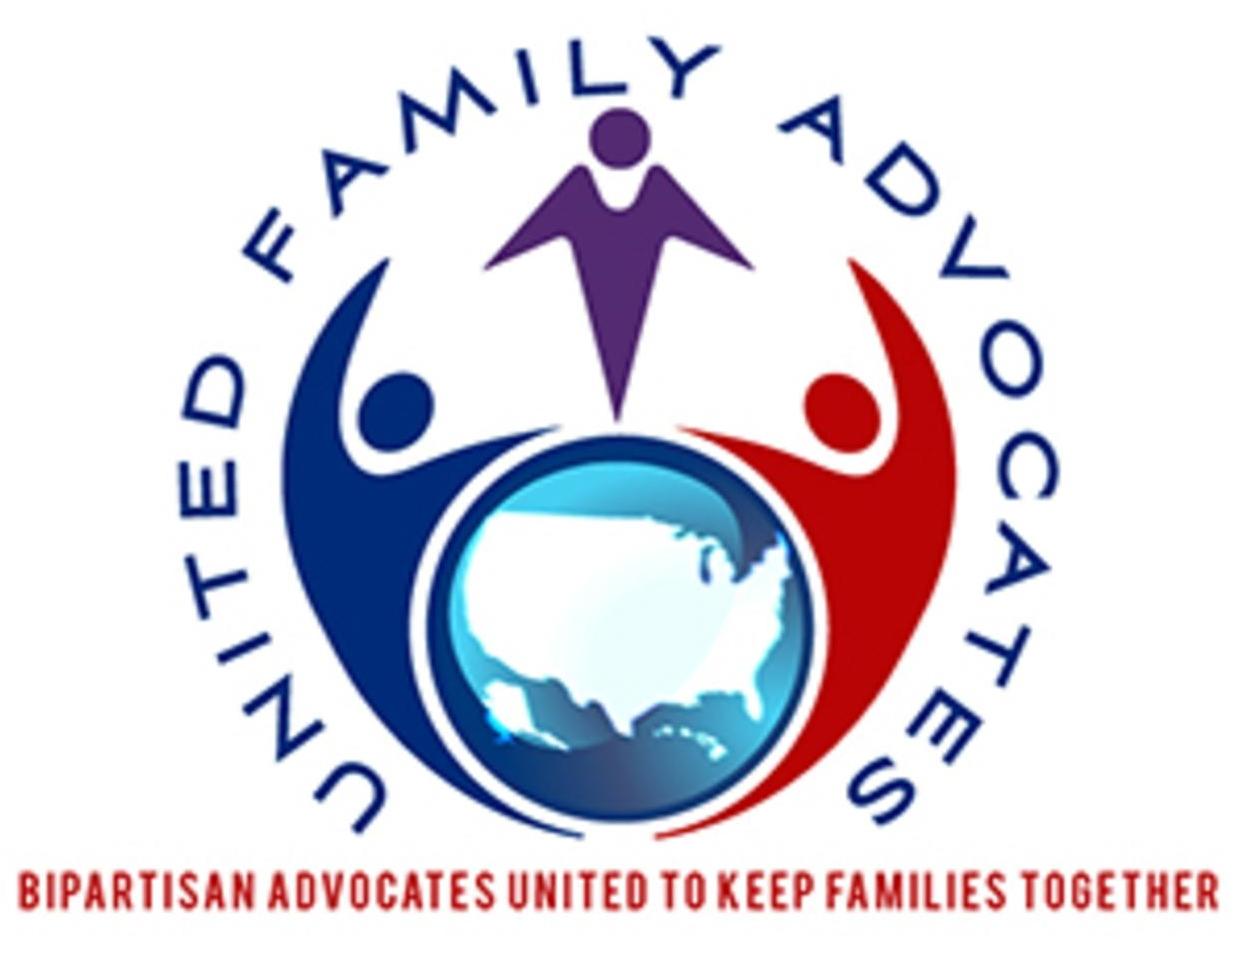 bipartisan logo.jpg